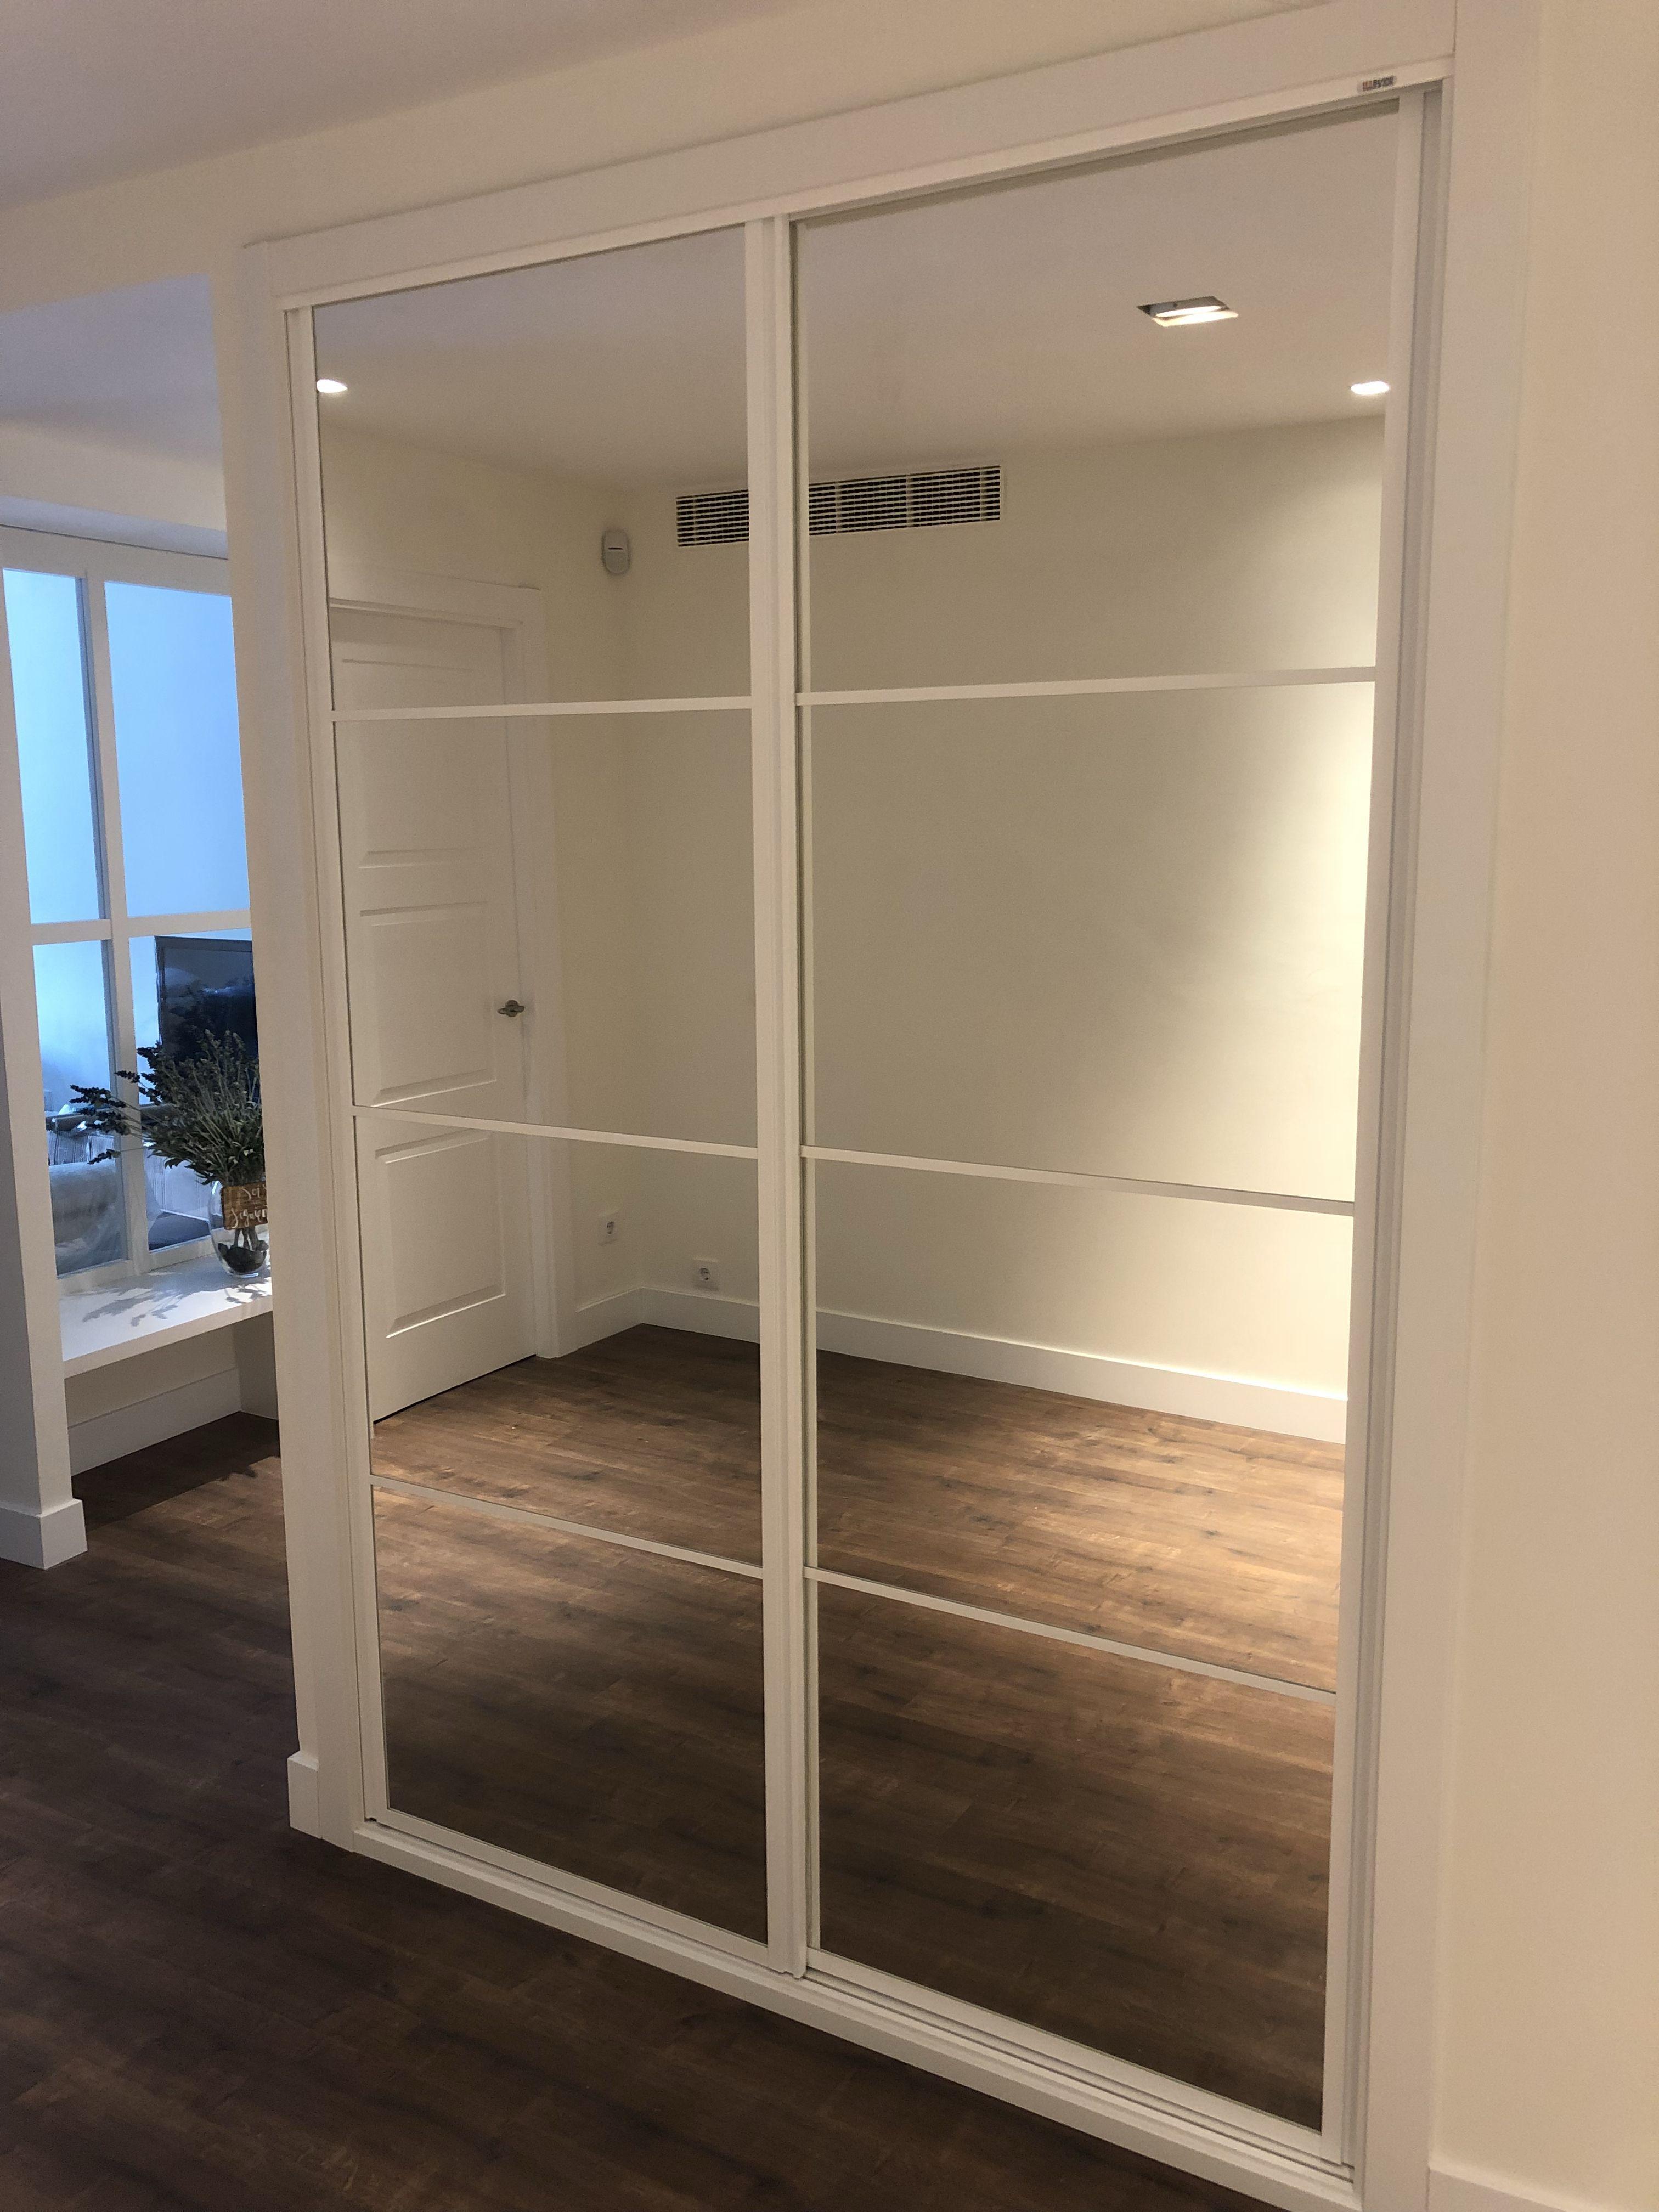 Puertas de interior en madrid en 2019 armarios a medida - Puertas piso interior ...